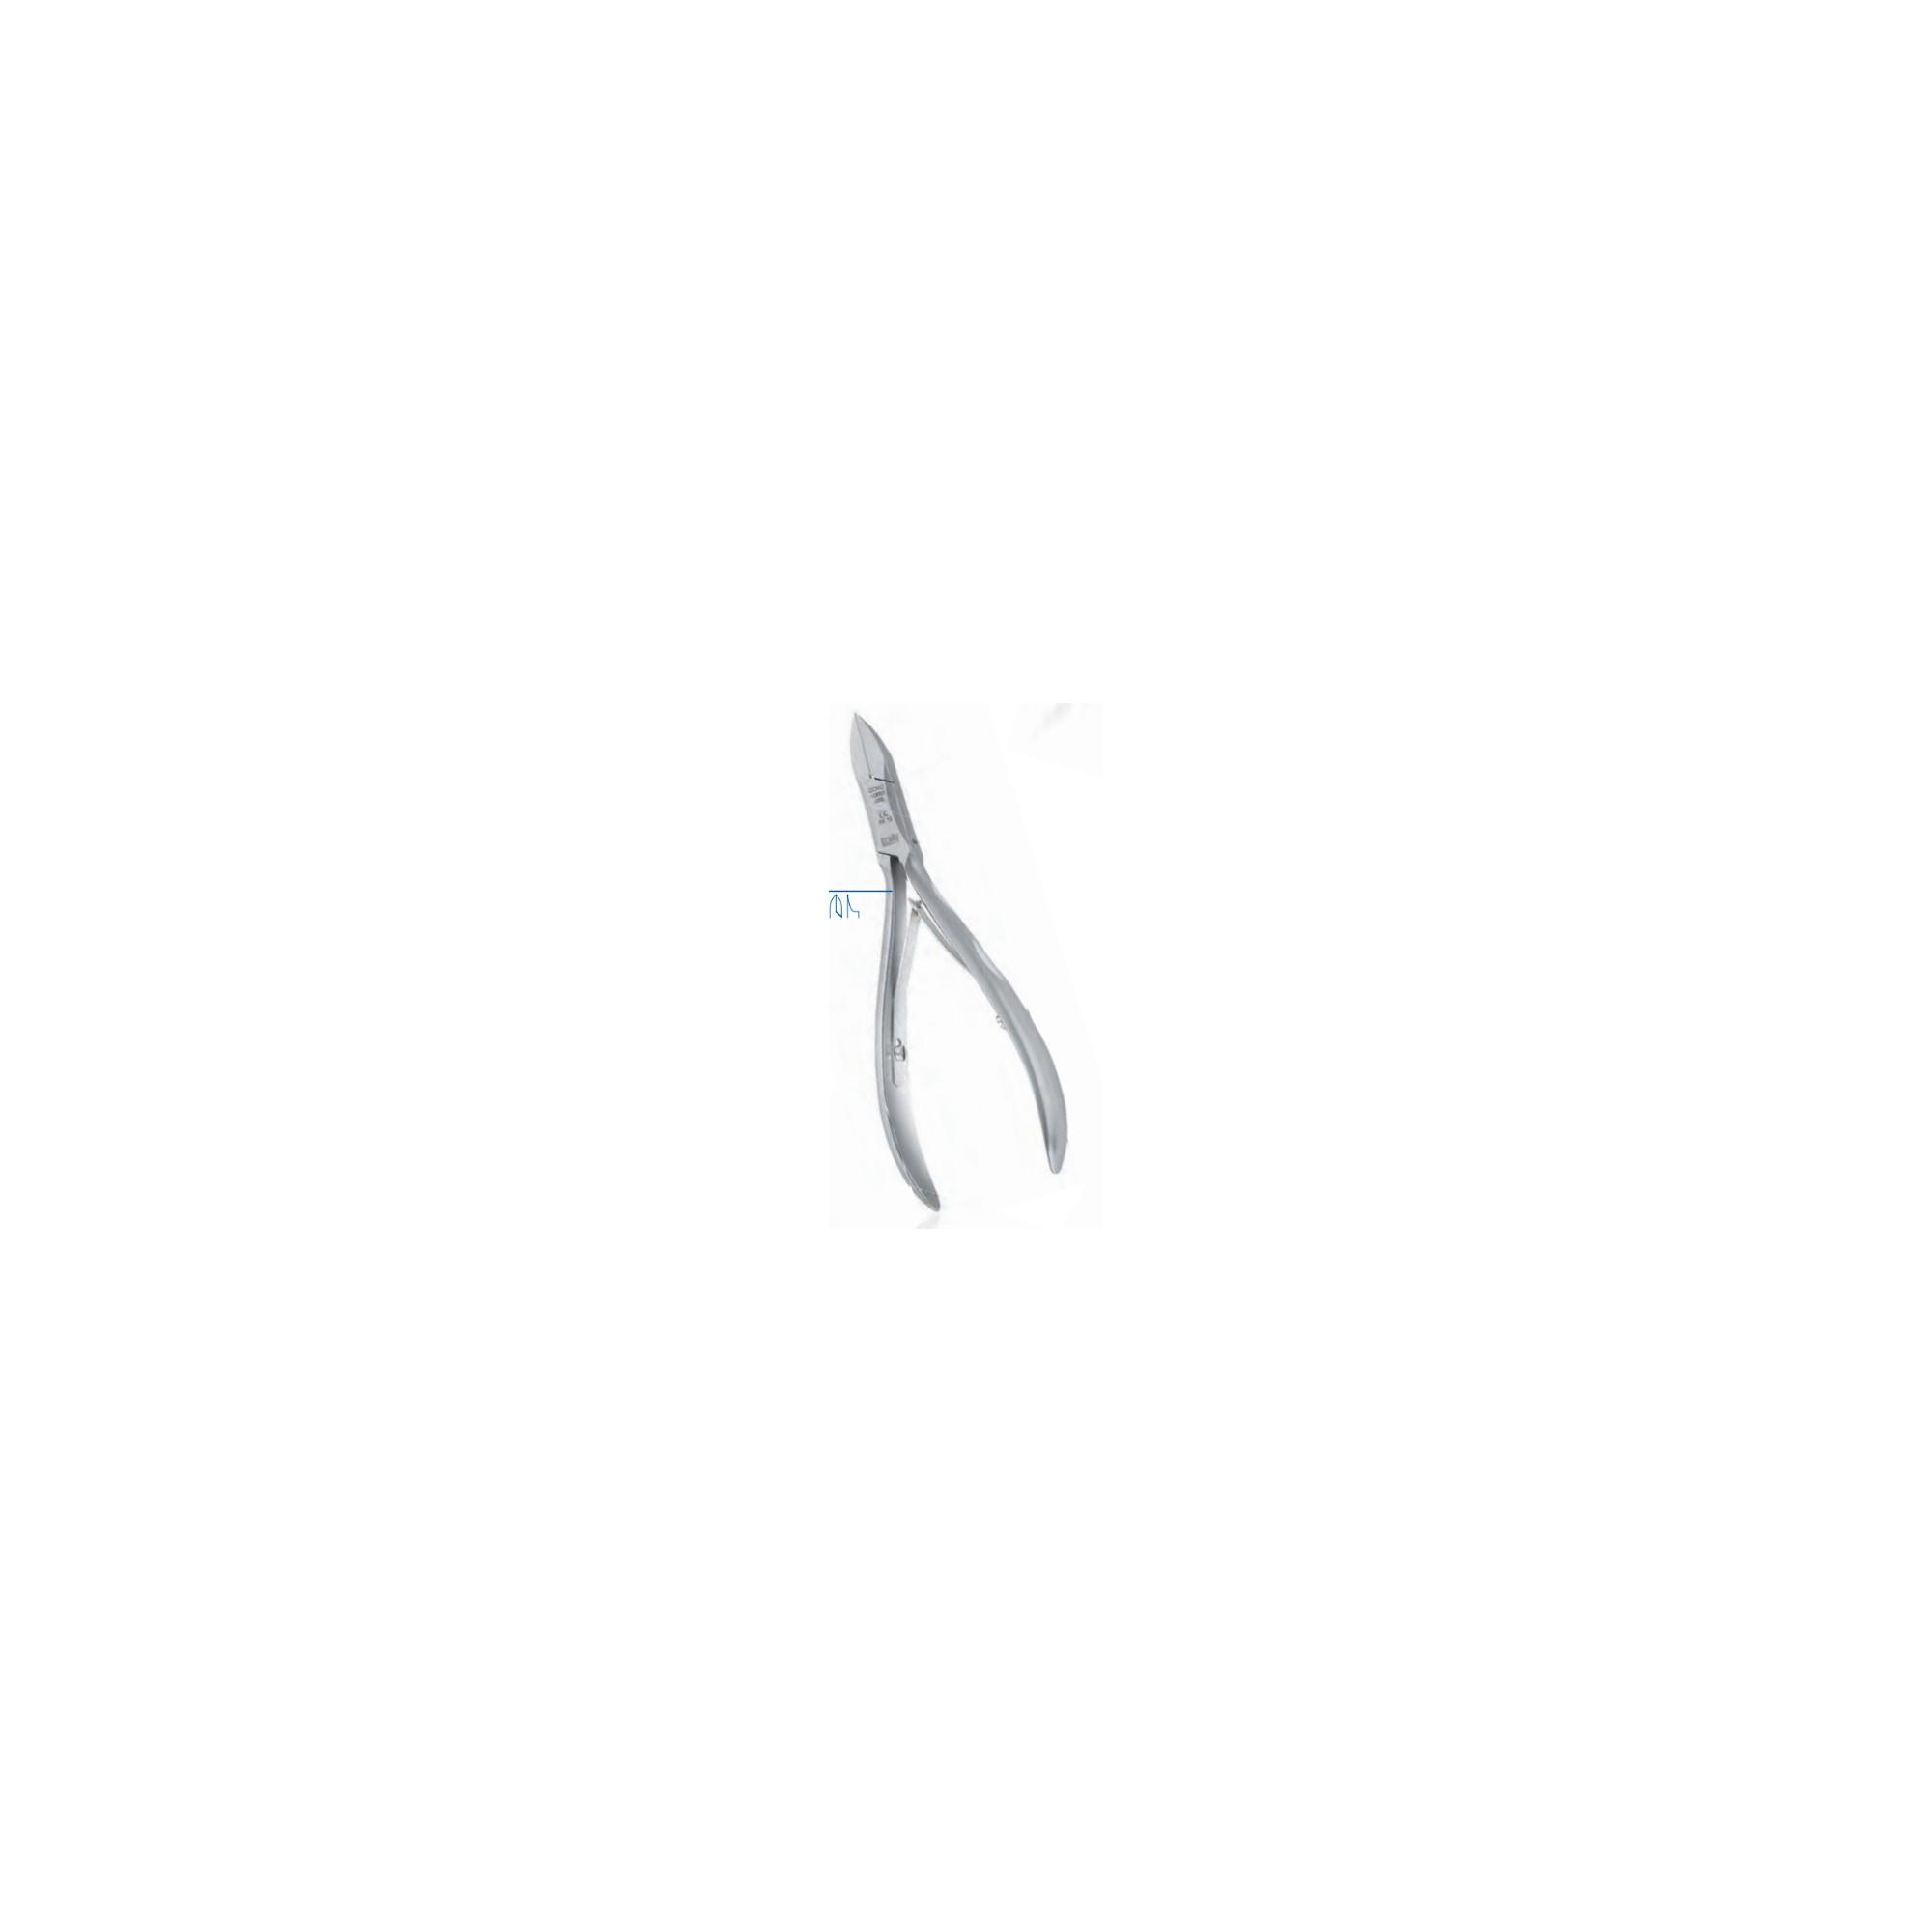 Pince à ongles - Coupe droite - Mors effilés - 13 cm - Dovo